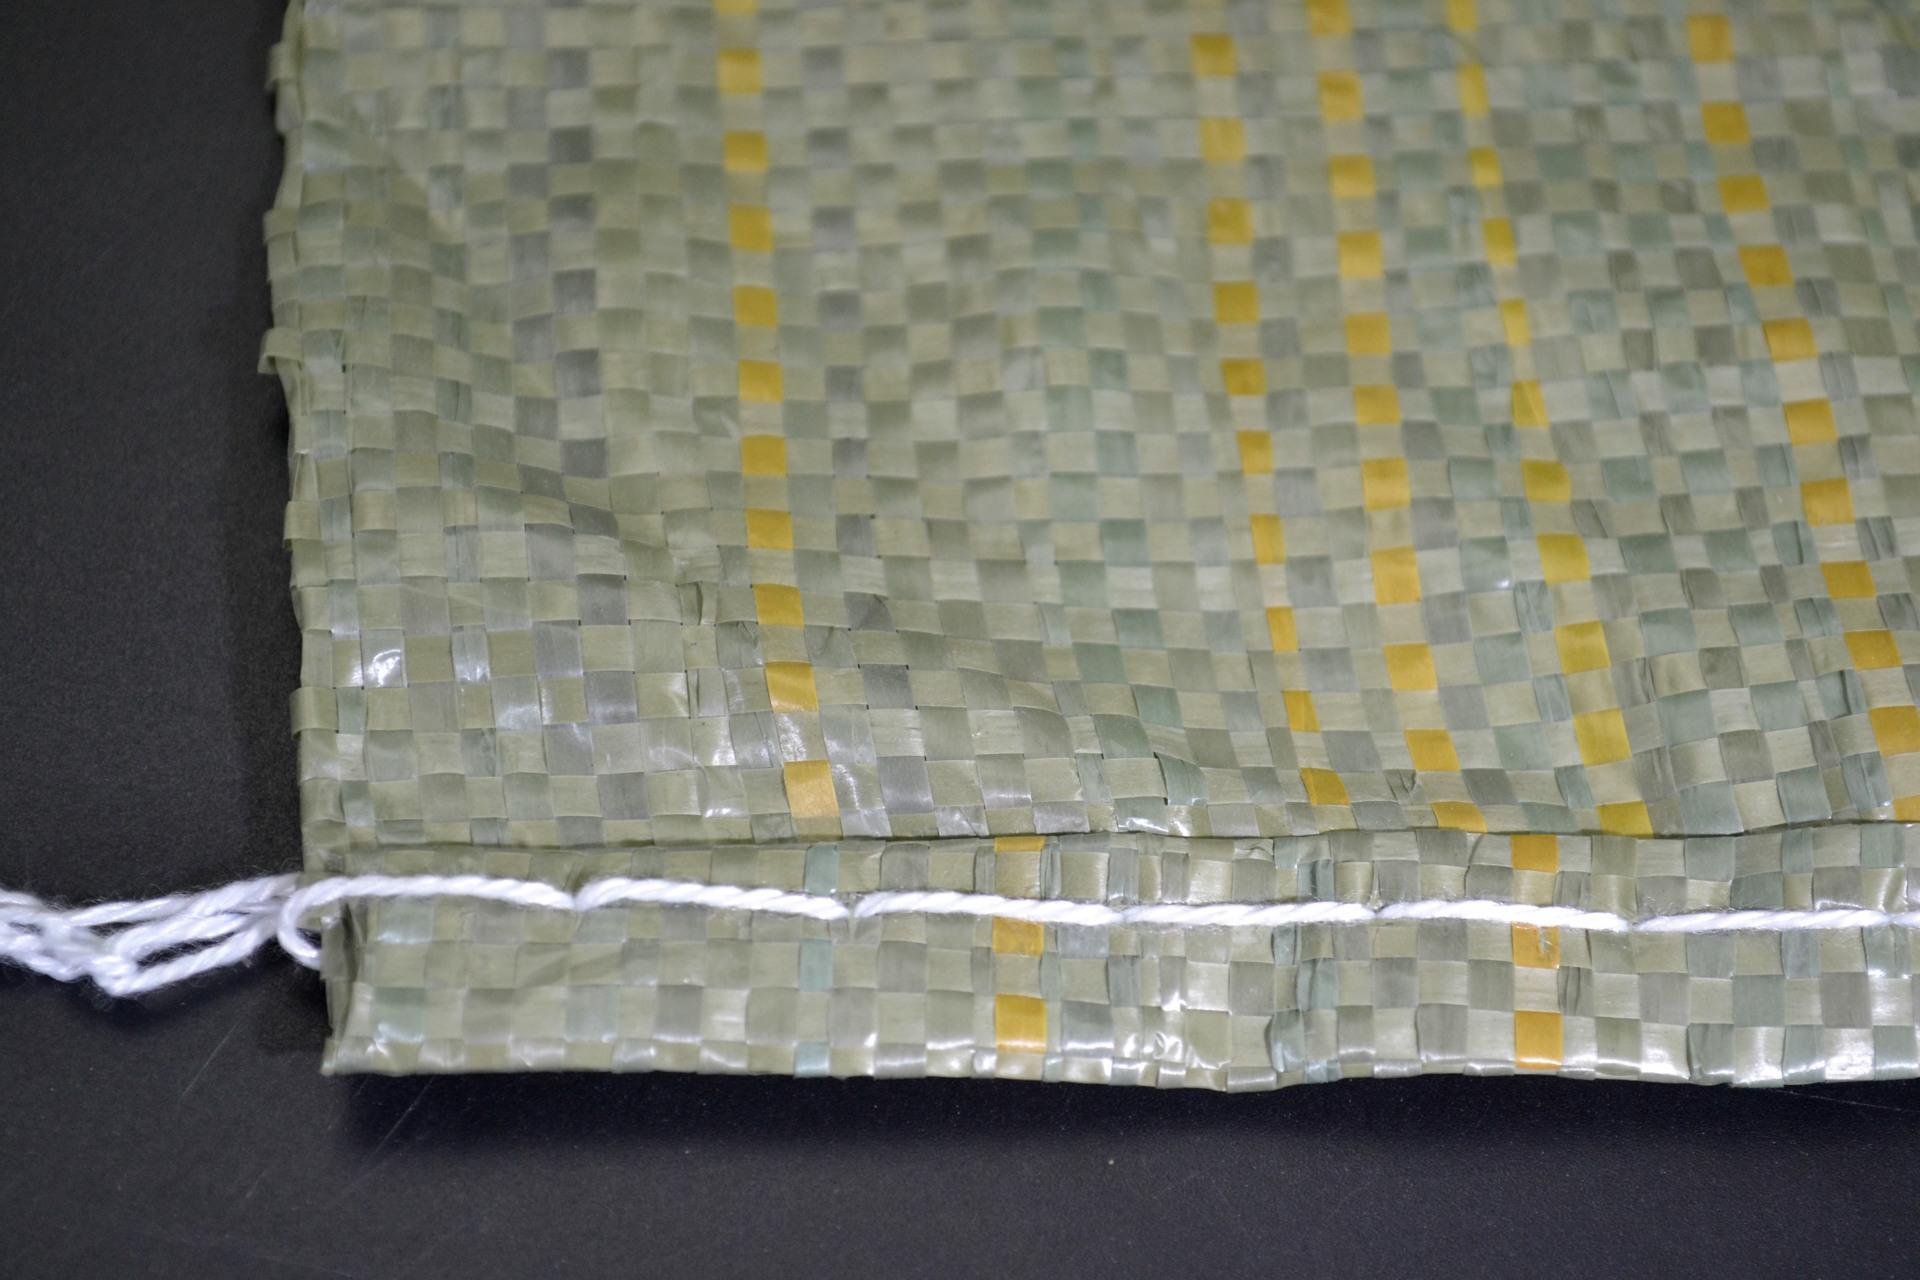 灰色快遞打包袋  快遞袋子  物流打包袋  標準厚度平方45克編織袋生產線80124細絲高密度蛇皮打包袋快遞袋